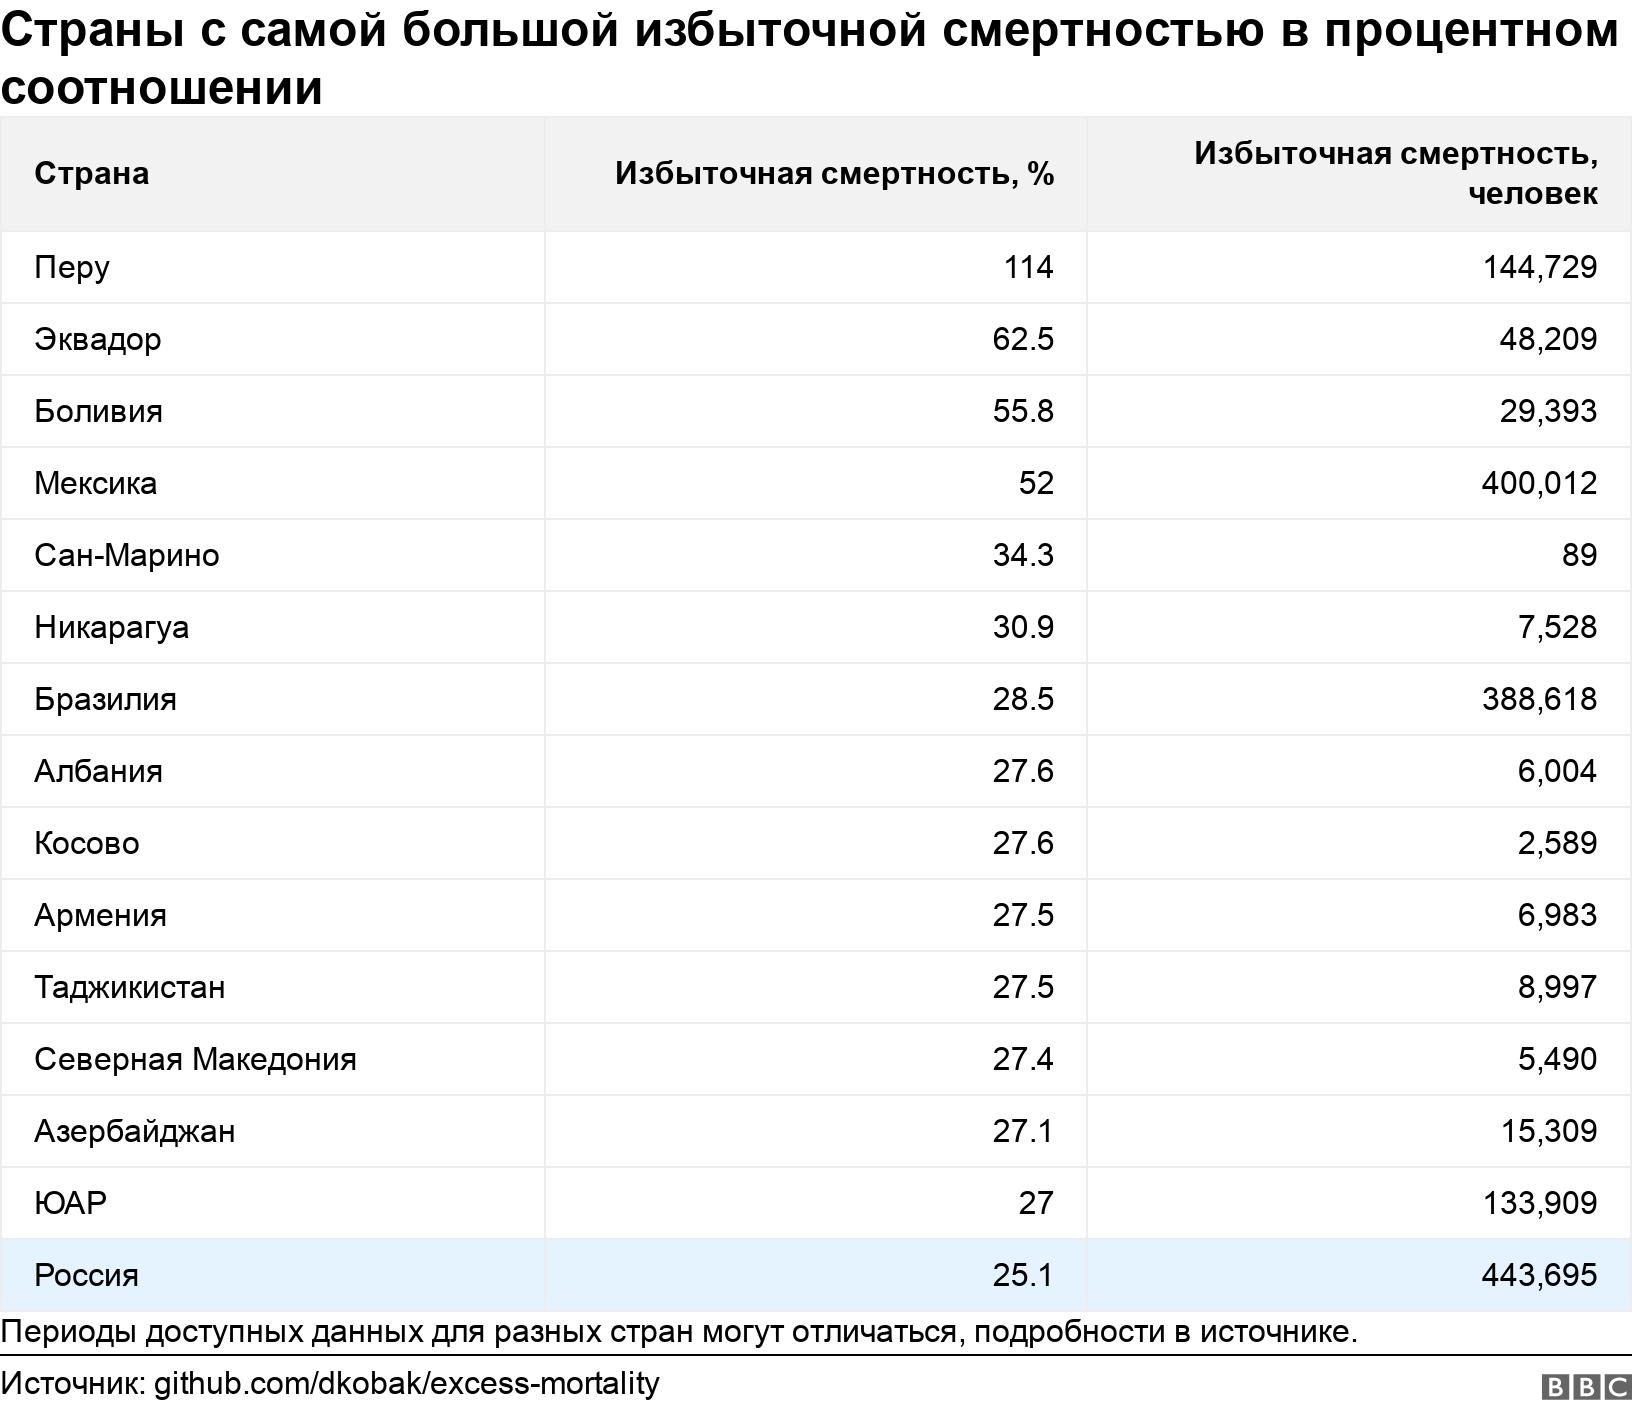 Страны с самой большой избыточной смертностью в процентном соотношении. .  Периоды доступных данных для разных стран могут отличаться, подробности в источнике. .